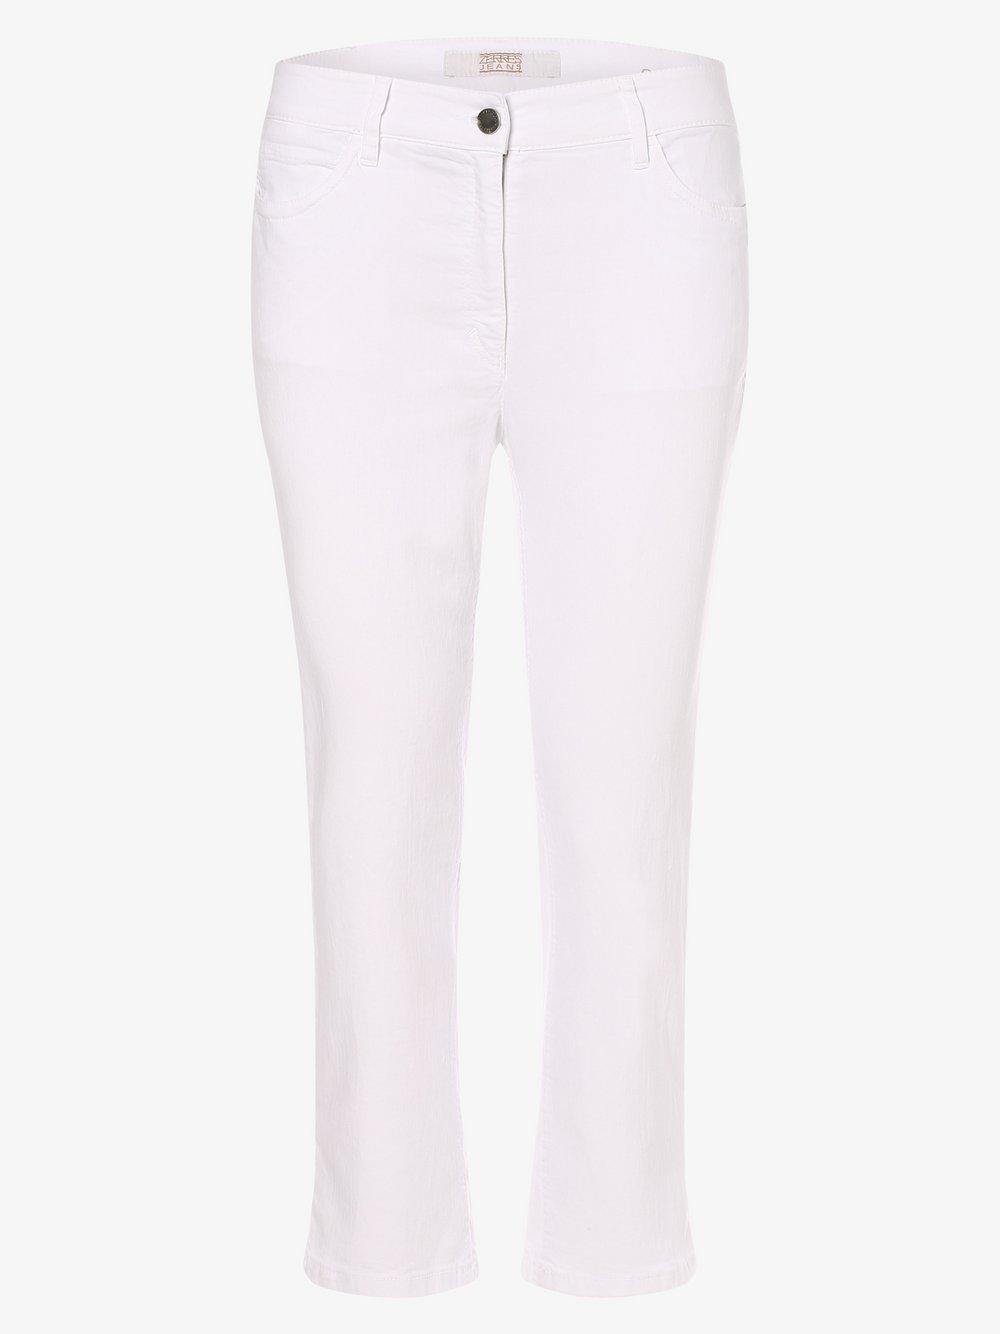 Zerres – Spodnie damskie – Cora, biały Van Graaf 475079-0001